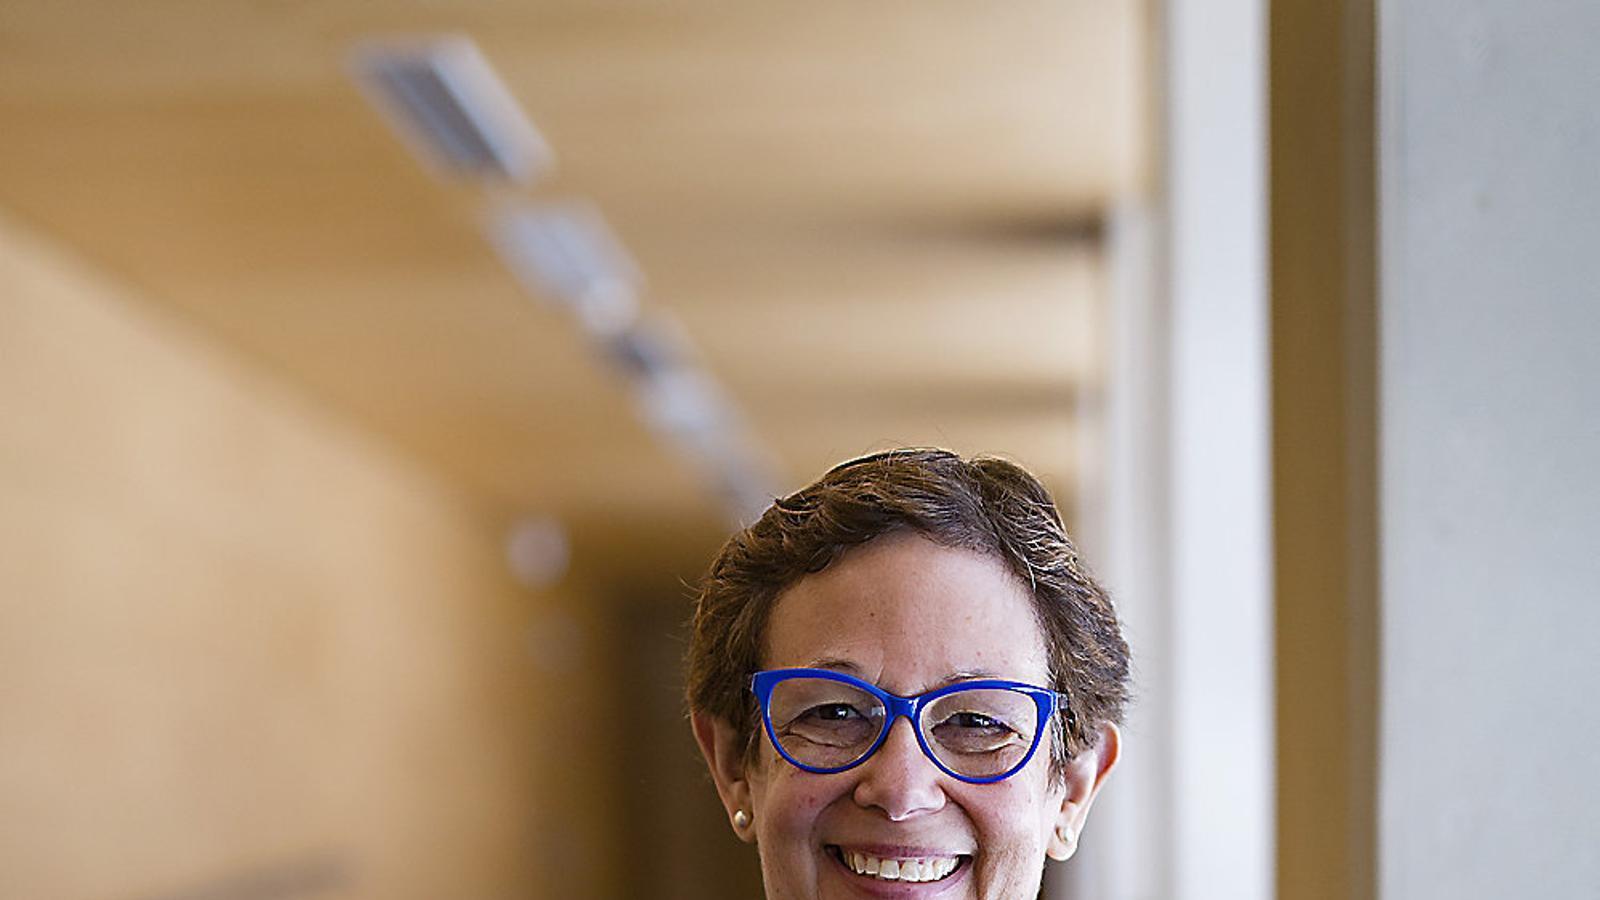 La neoyorquina Adele Diamond ha demostrado con su investigación que se pueden mejorar las funciones cognitivas en el aula. / FRANCESC MELCION